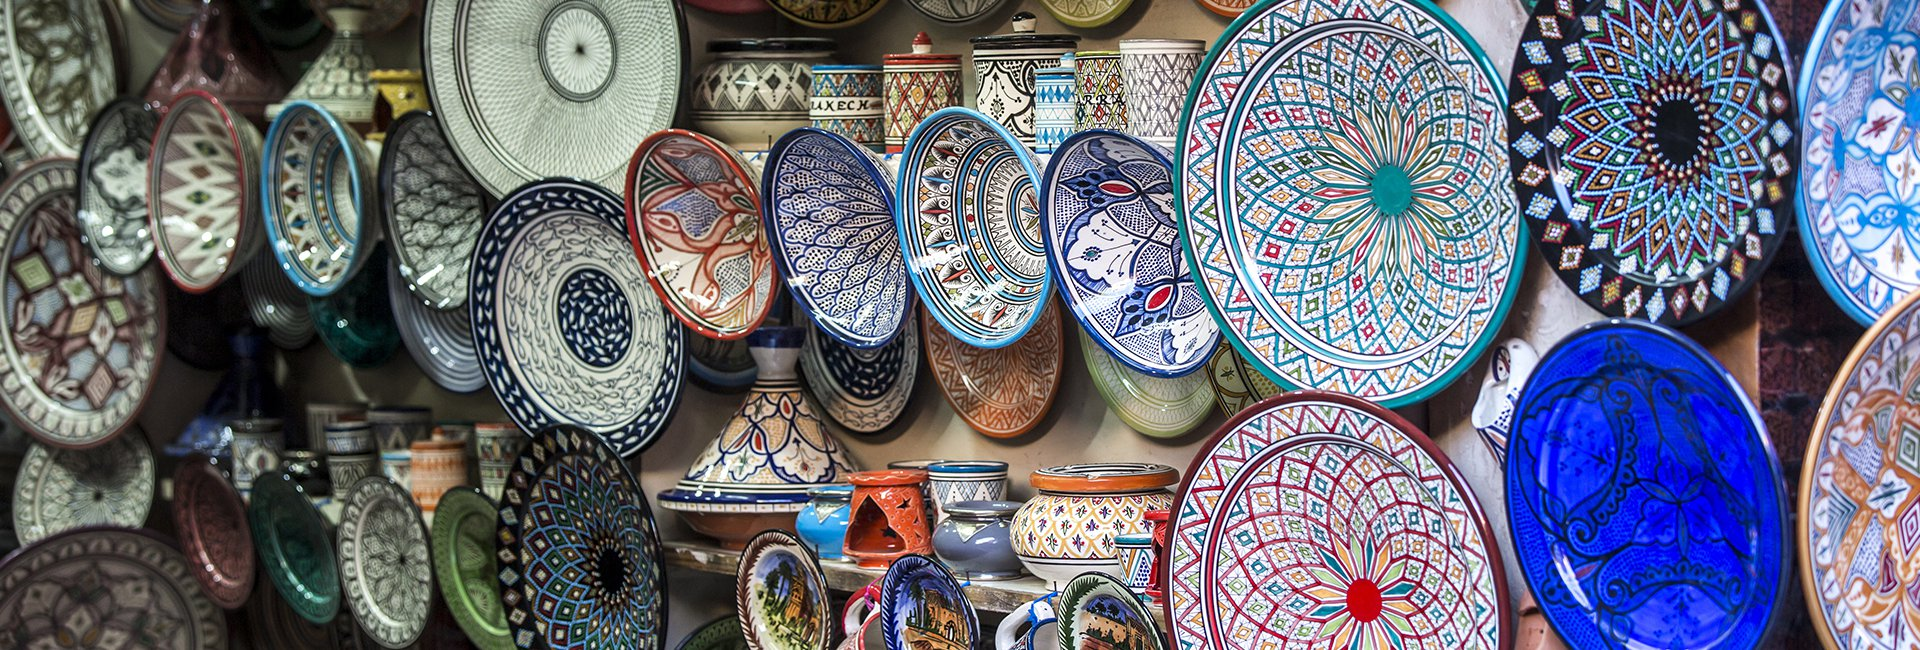 Hội chợ gốm sứ Phật Sơn Quảng Đông